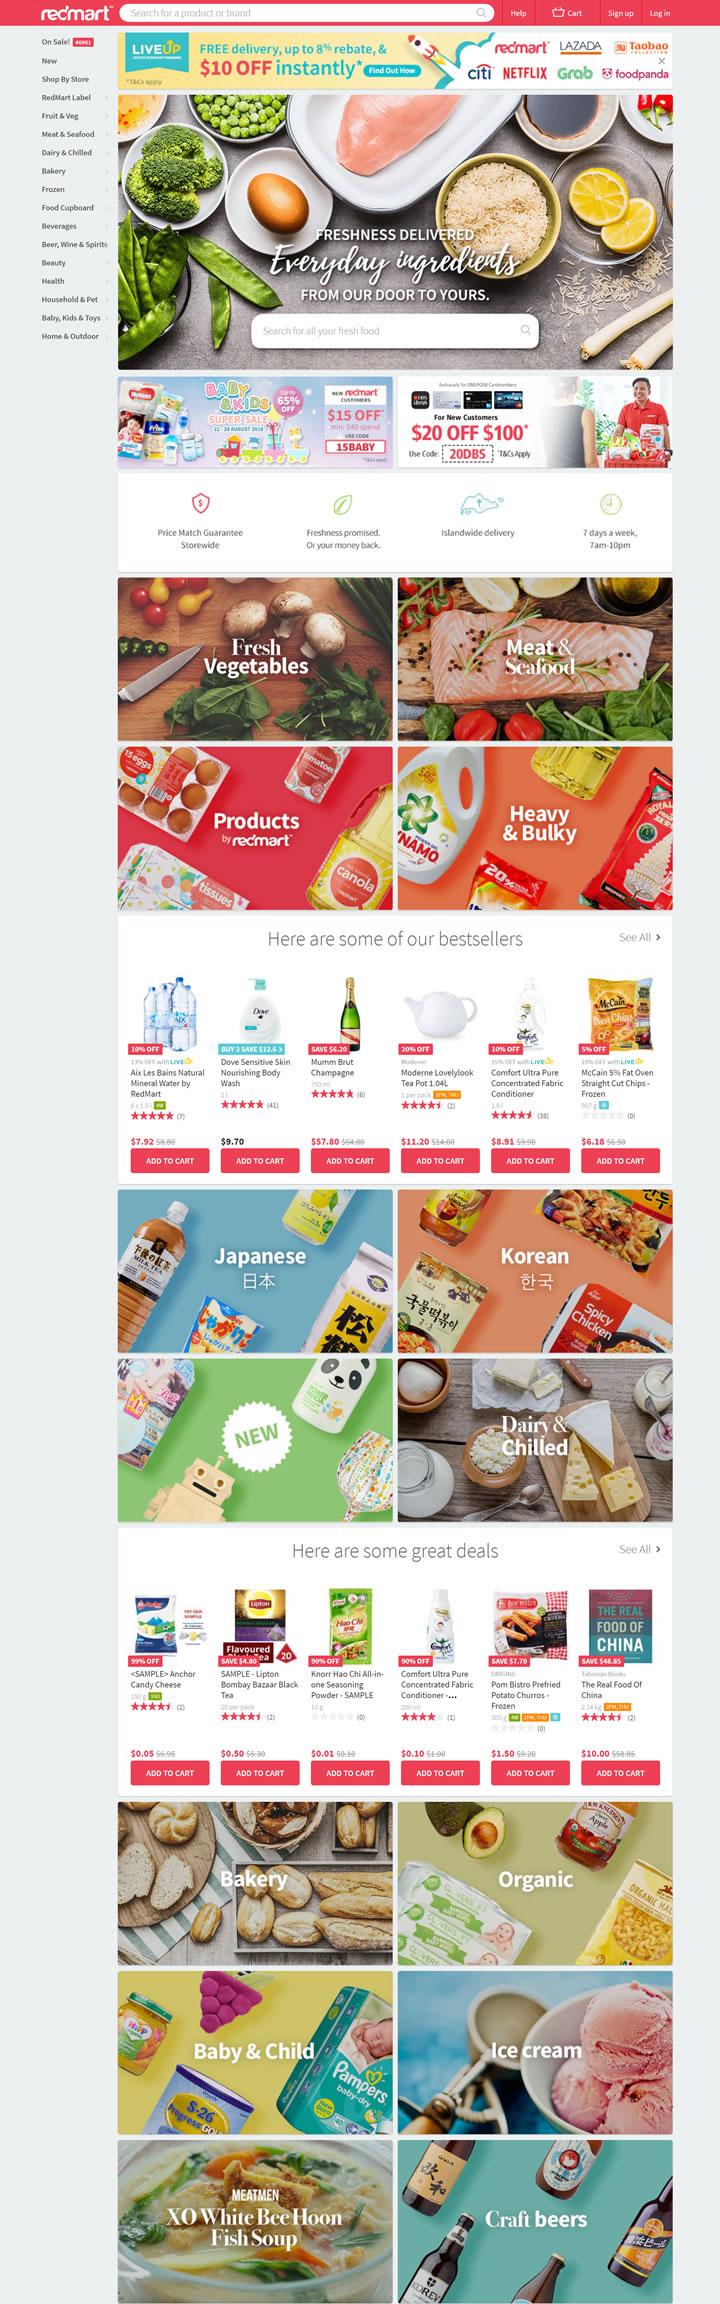 新加坡网上杂货店:RedMart